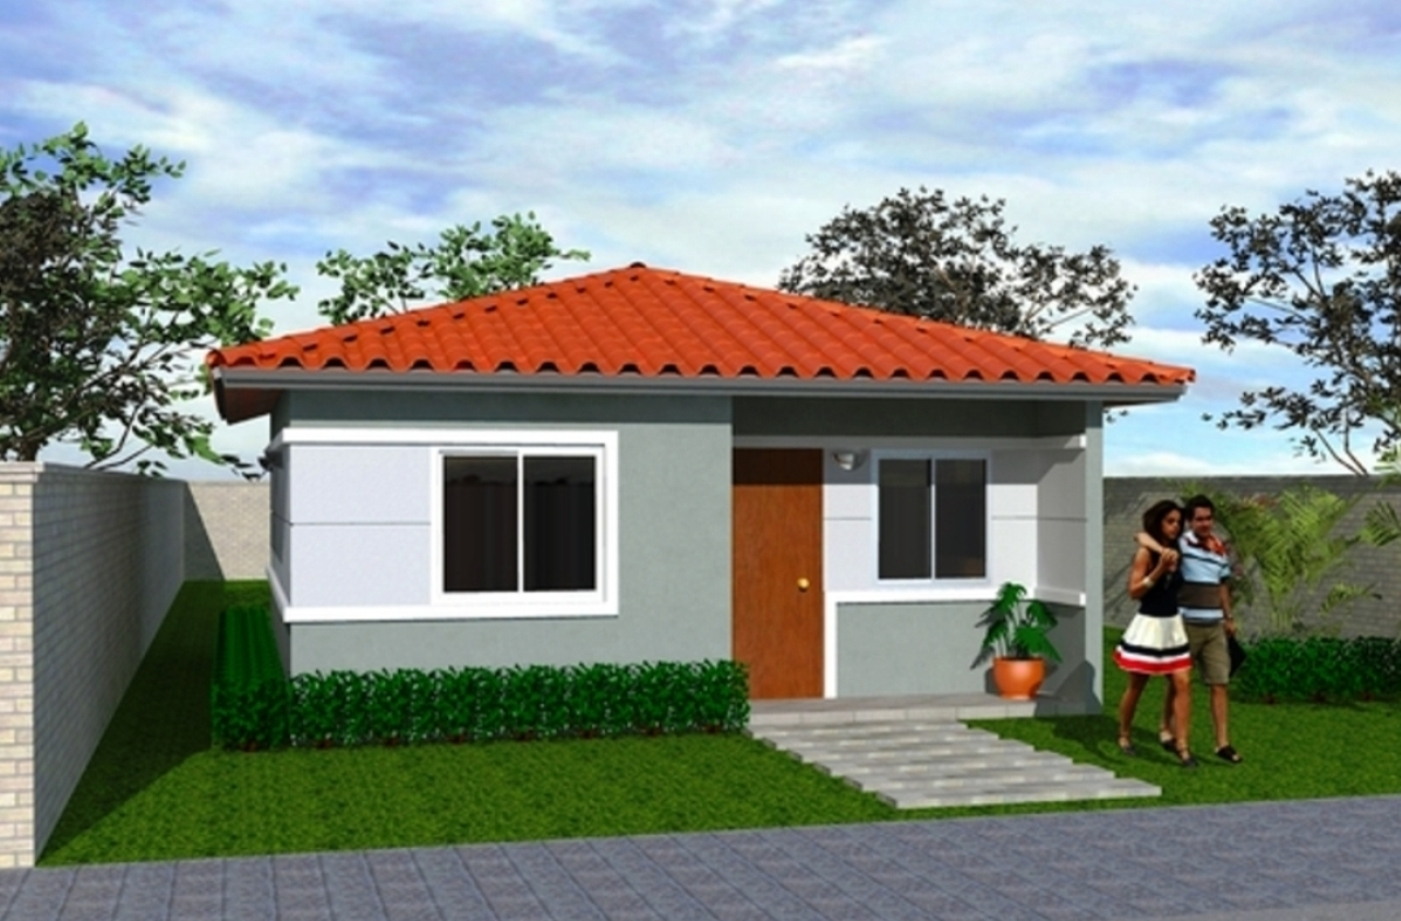 Construcciones economicas contruccion de todo tipo de for Diseno de casa sencilla